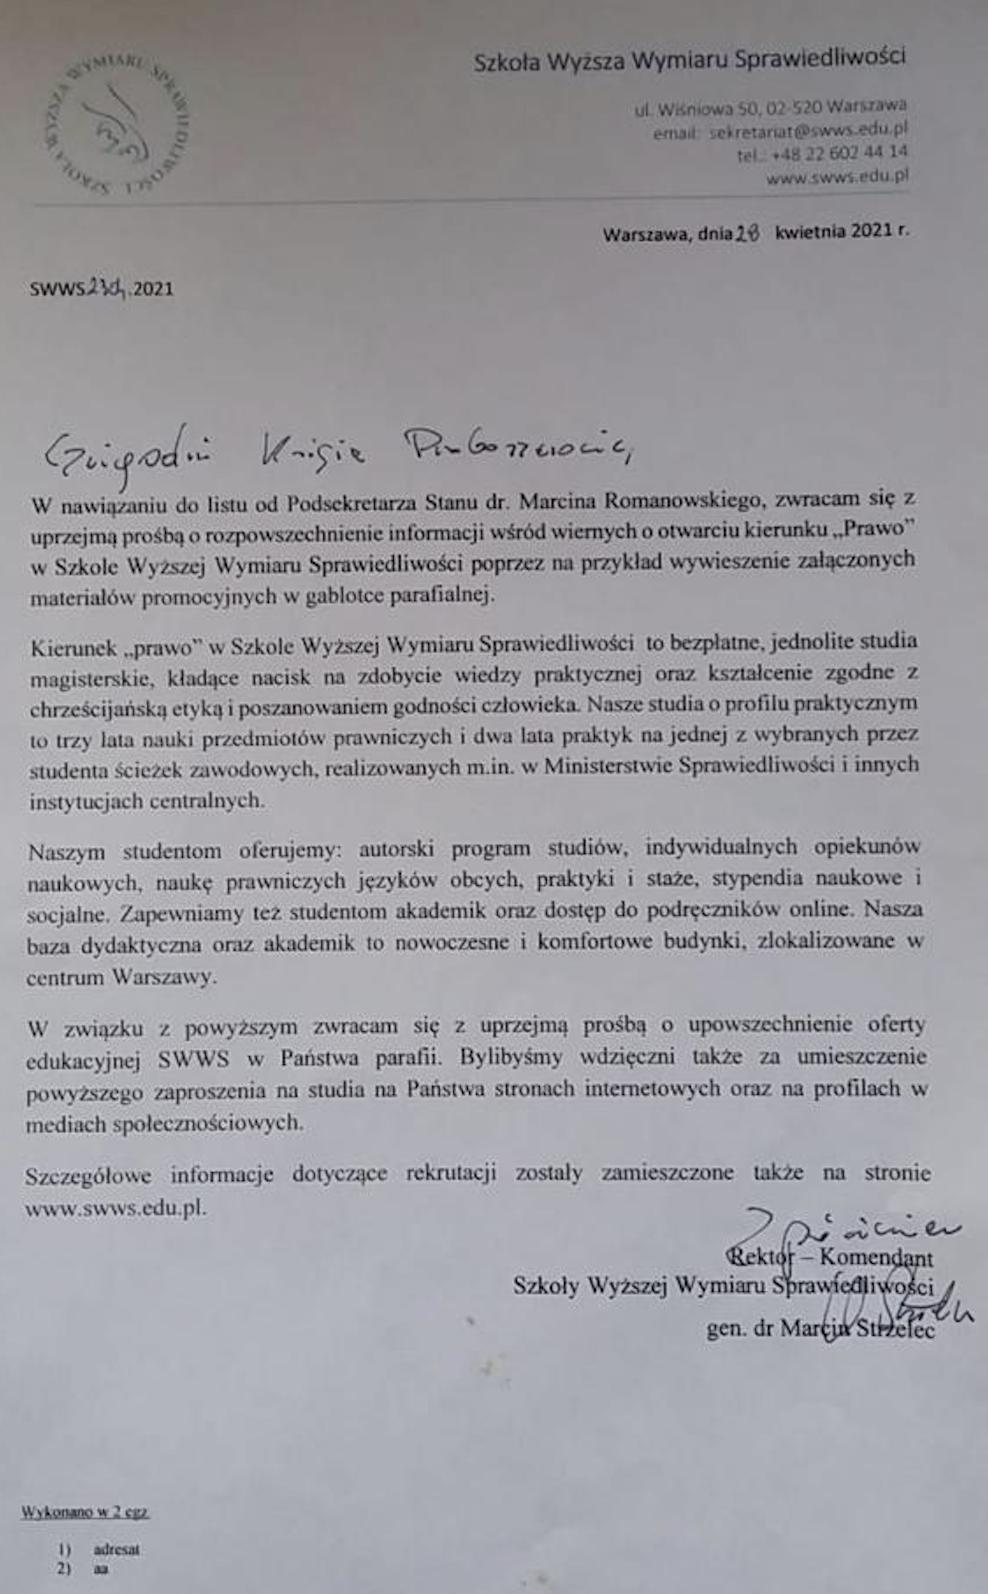 Gen. dr Marcin Strzelec, rektor Szkoły Wyższej Wymiaru Sprawiedliwości pisze do proboszczów z prośbą o pomoc w rekrutacji.